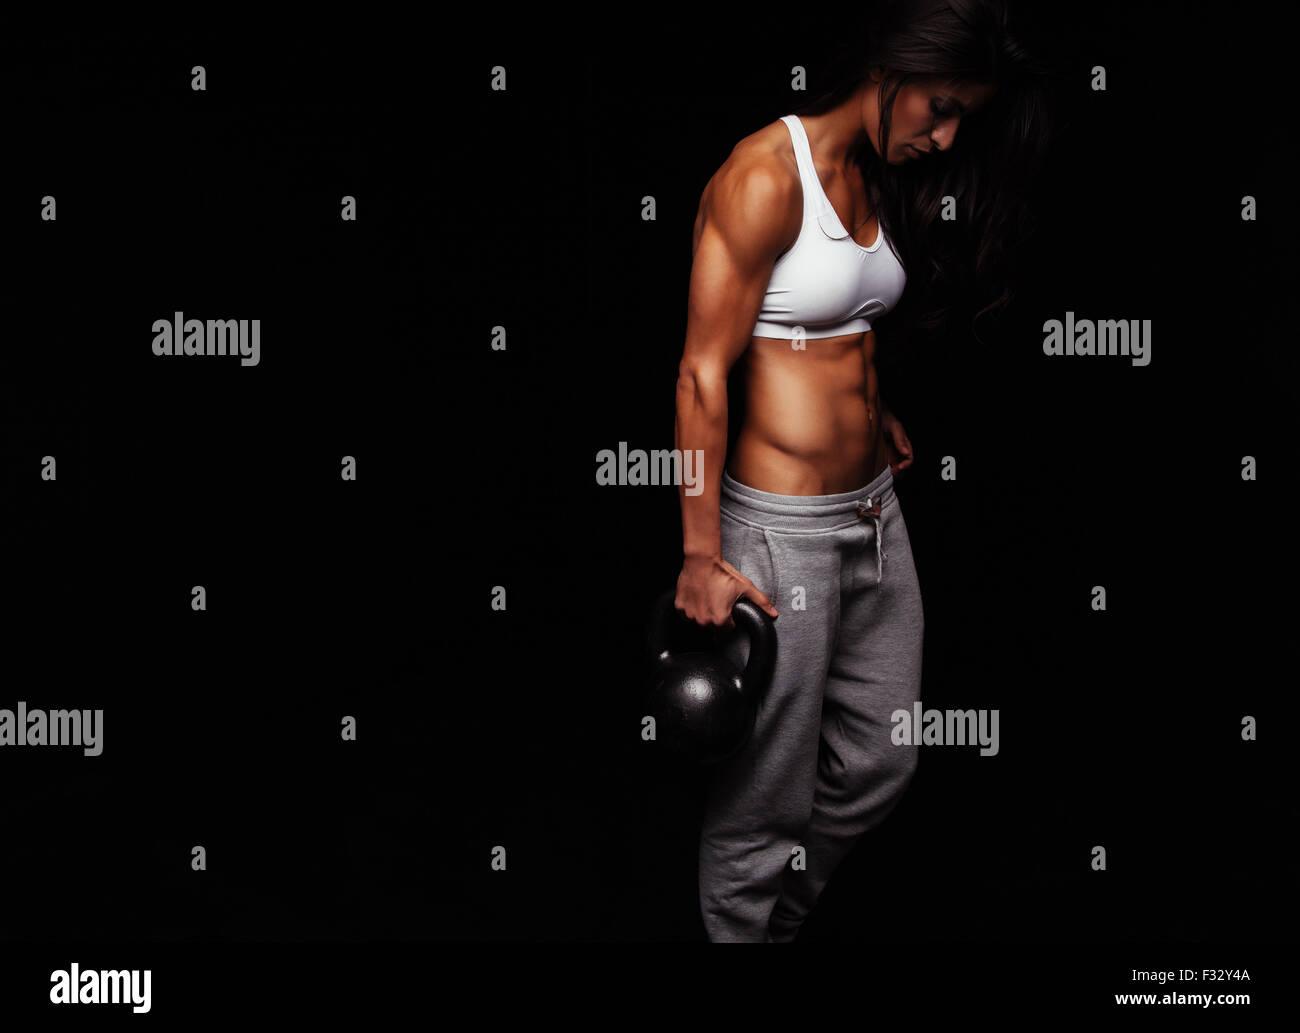 Donna muscolare facendo esercizio crossfit. Fitness resistente modello femminile con bollitore bell su sfondo nero. Immagini Stock